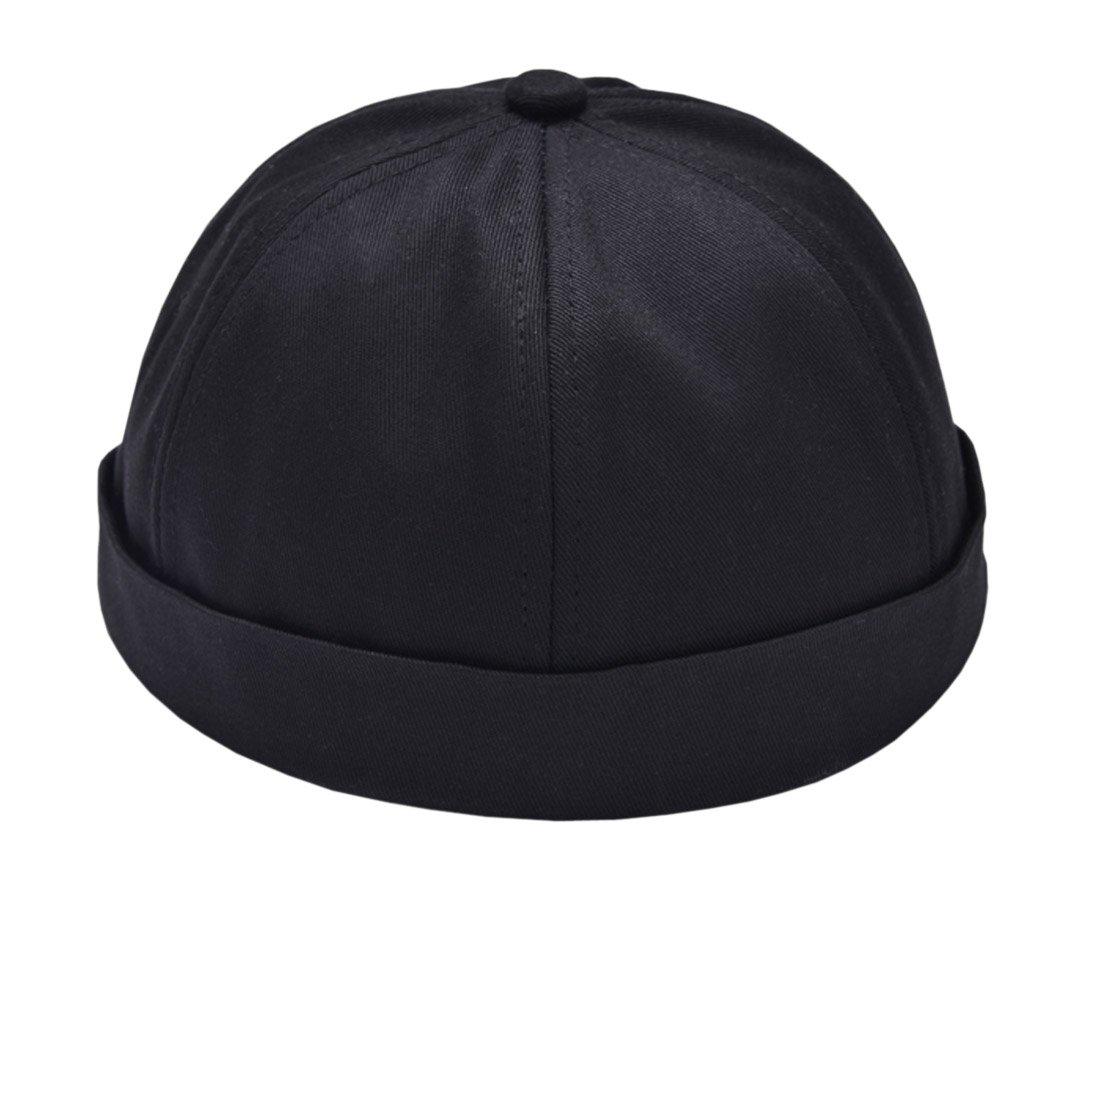 ACVIP Puro Cappello Cupola Cotone Senza Visiera per Bambine